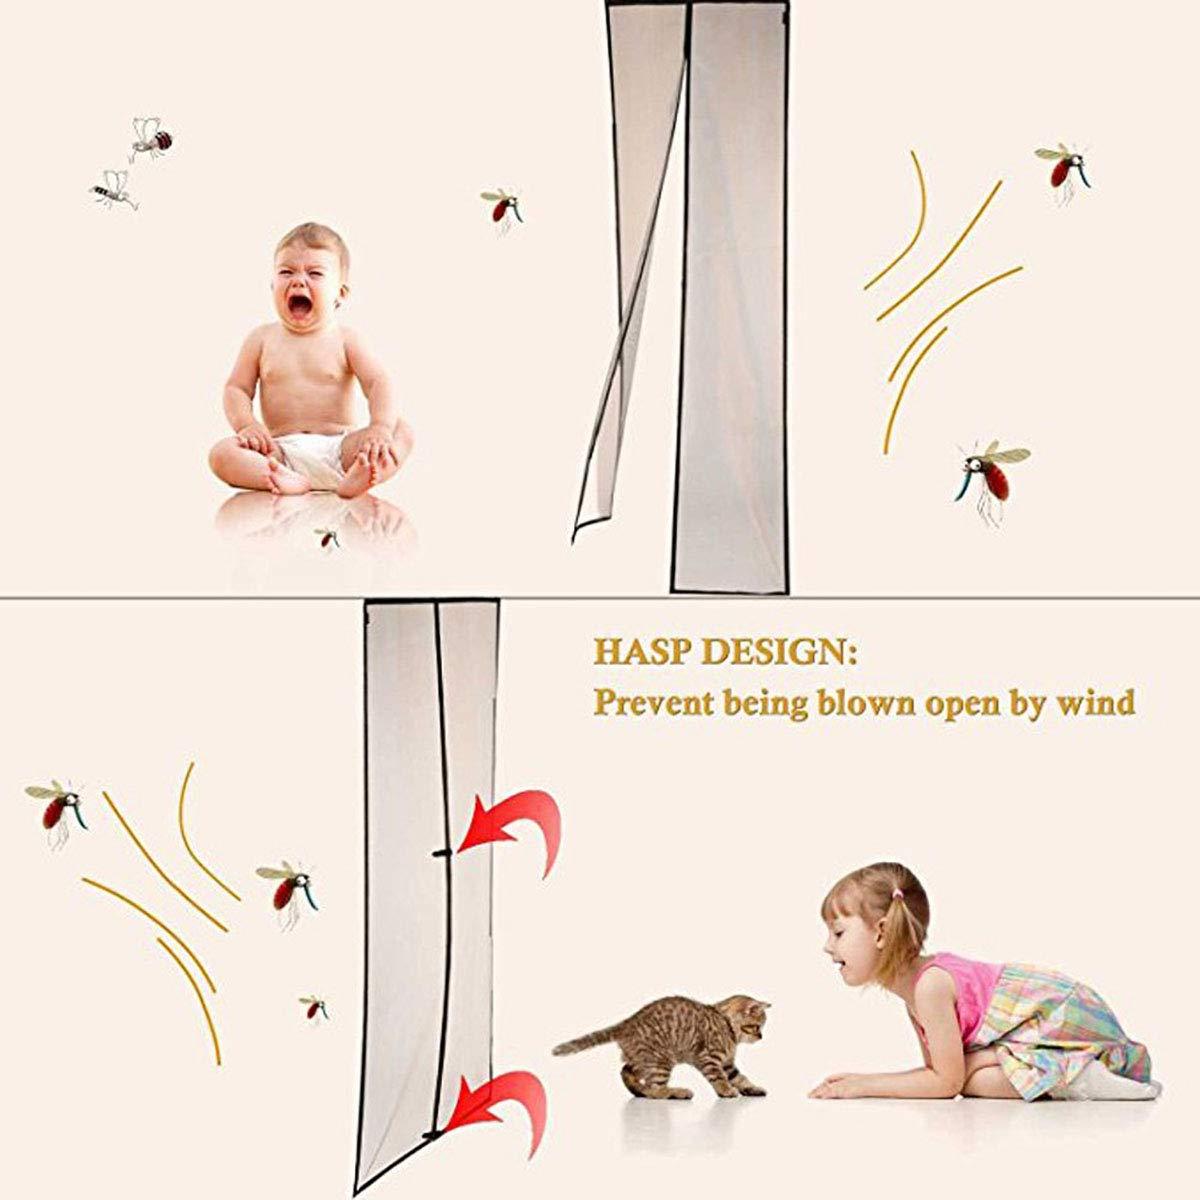 porte moustiquaire magn/étique d/ét/é emp/êchent les insectes dentrer dans le rideau en treillis moustiquaire pour portes jusqu/à 120 x 220cm,Blue,80X200CM La porte moustiquaire